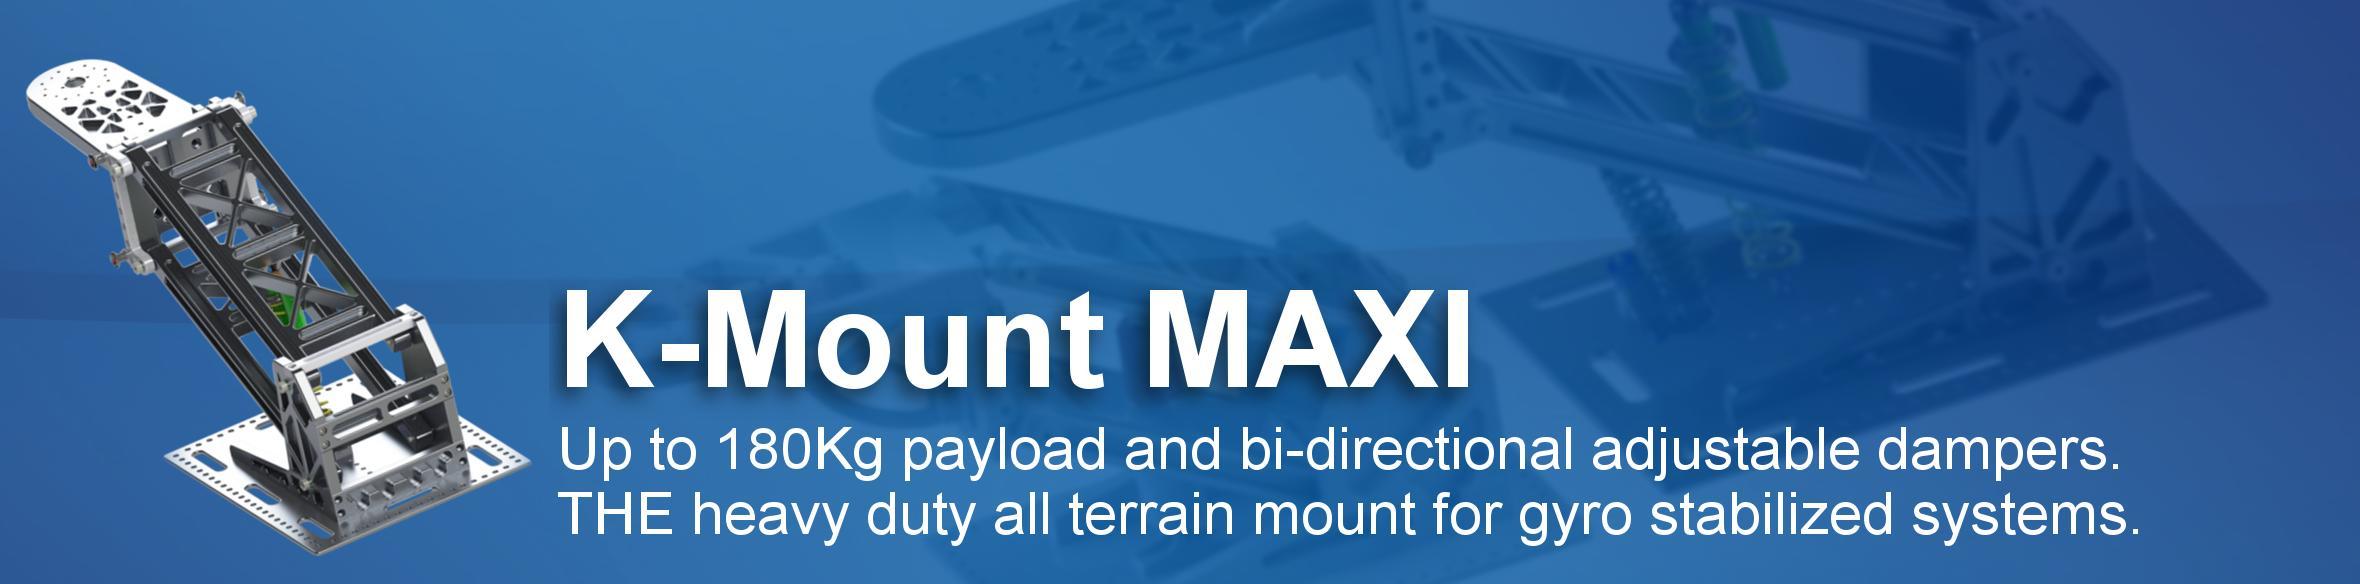 K-mount MAXI